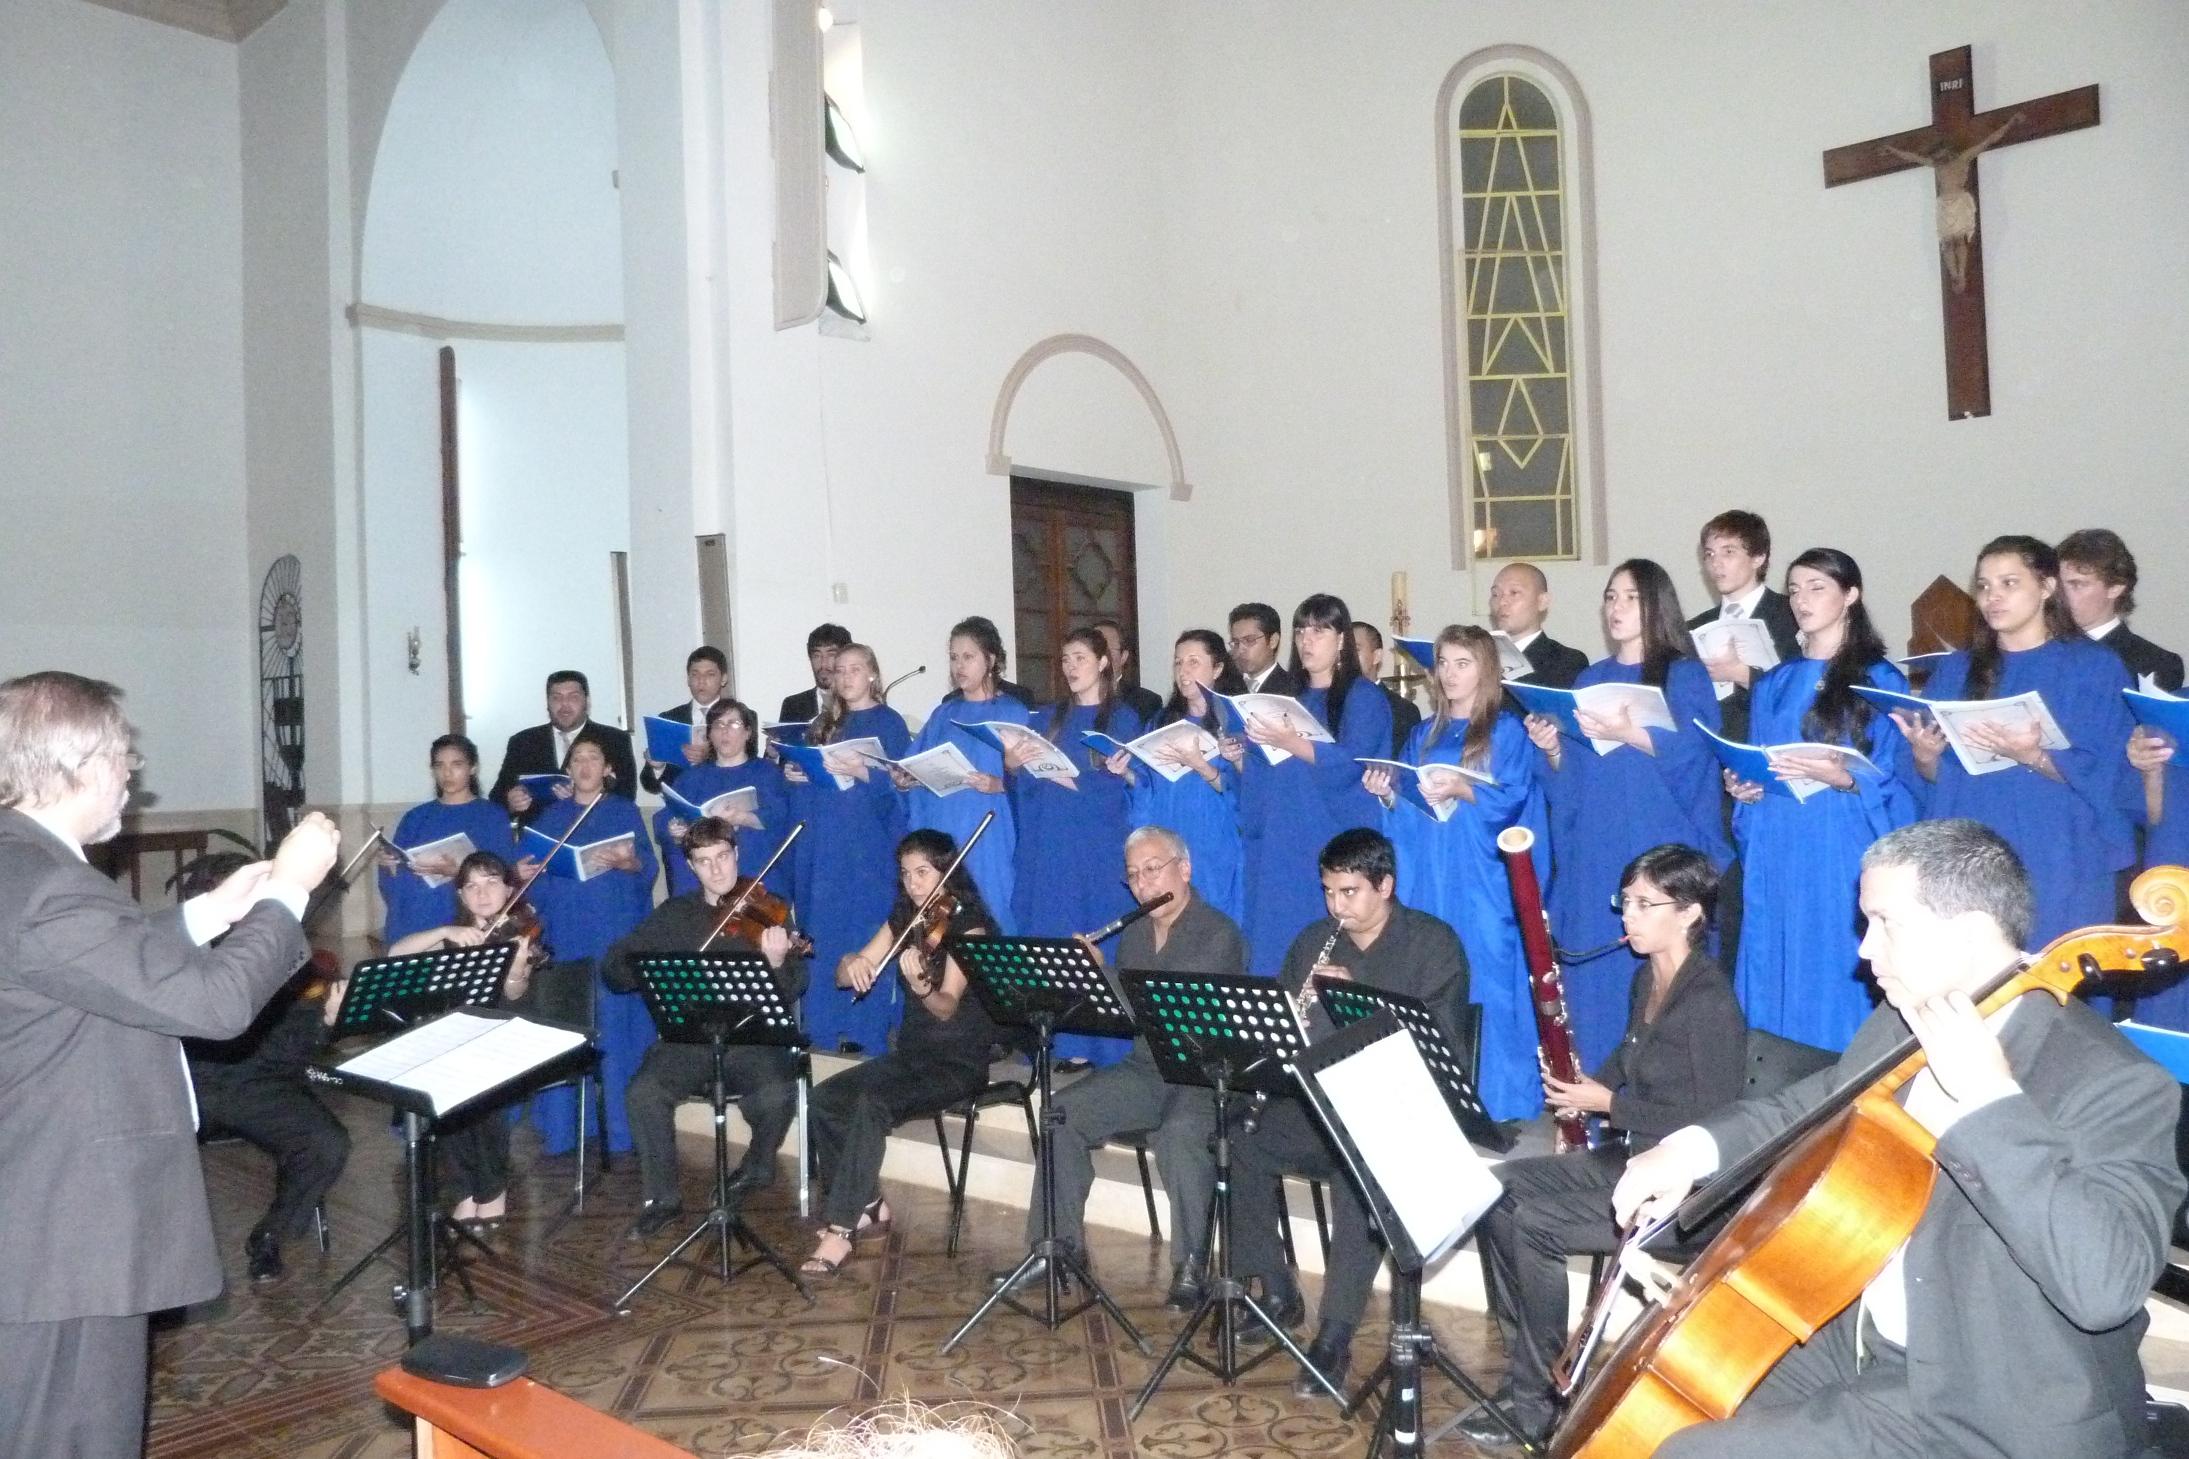 El Coro Universitario ofreciendo su repertorio anoche en la Catedral.